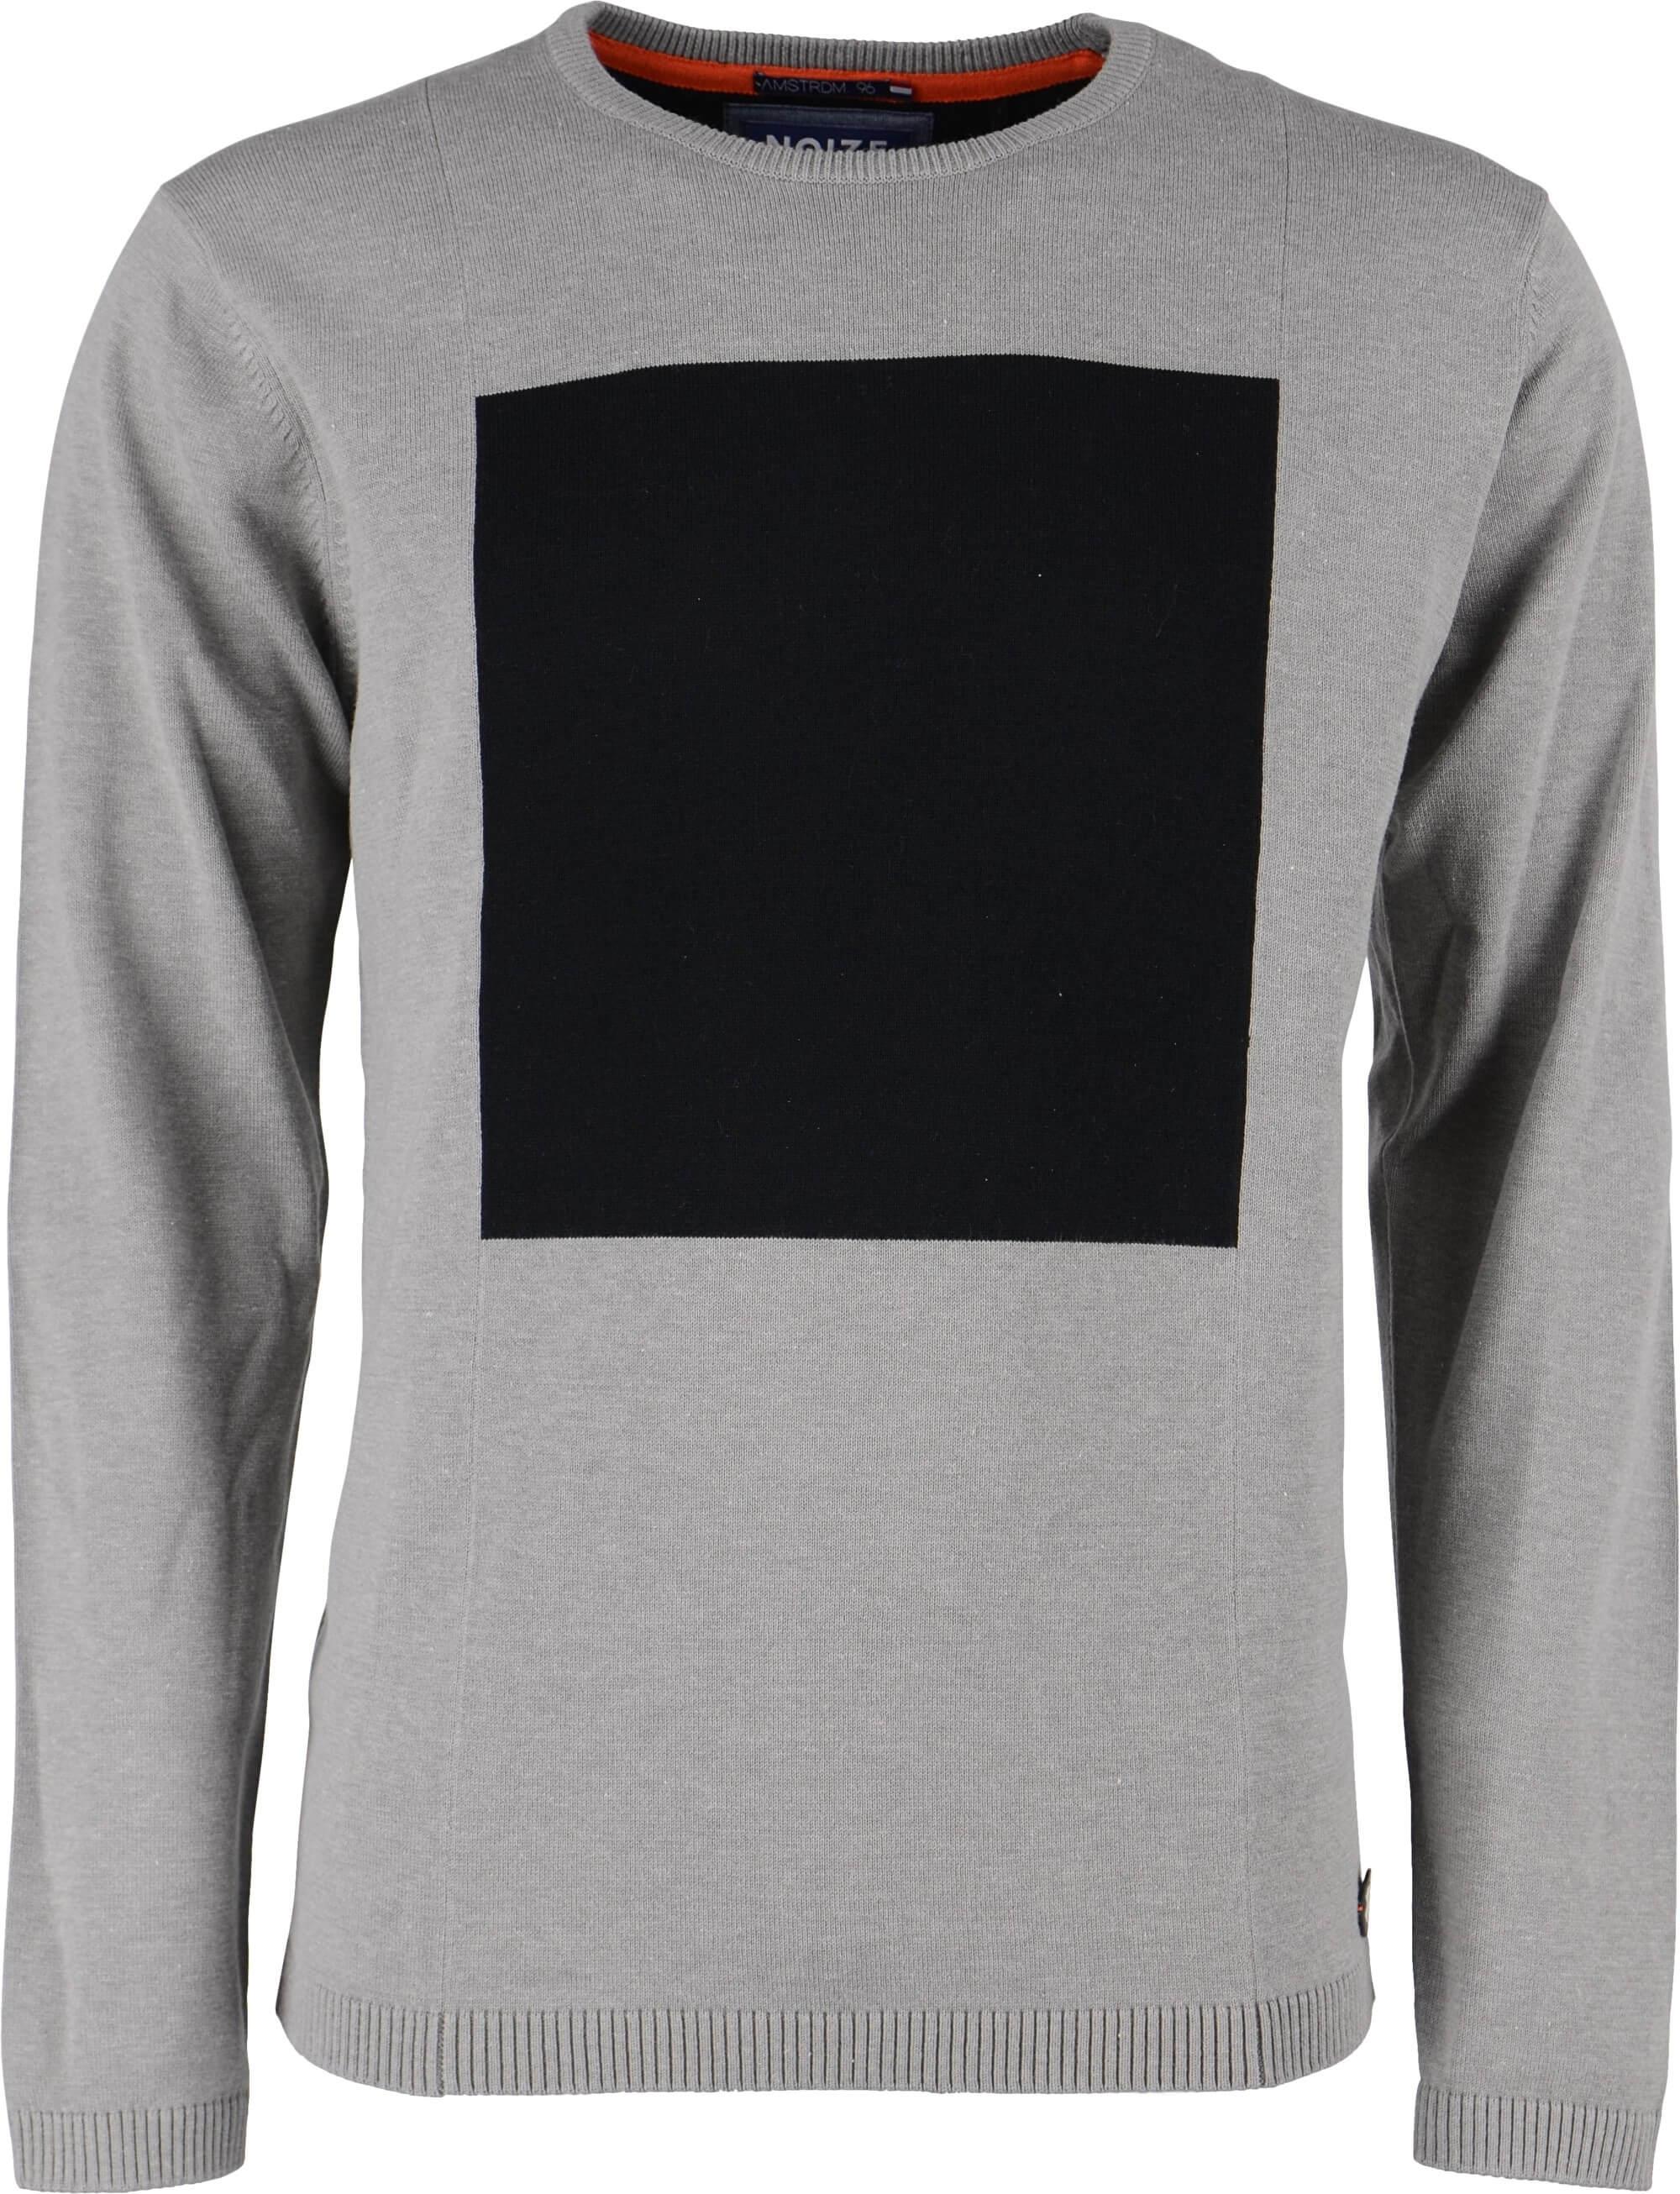 Noize Férfi hosszú ujjú pulóver Greymel 4523115-00  ed97f5747c